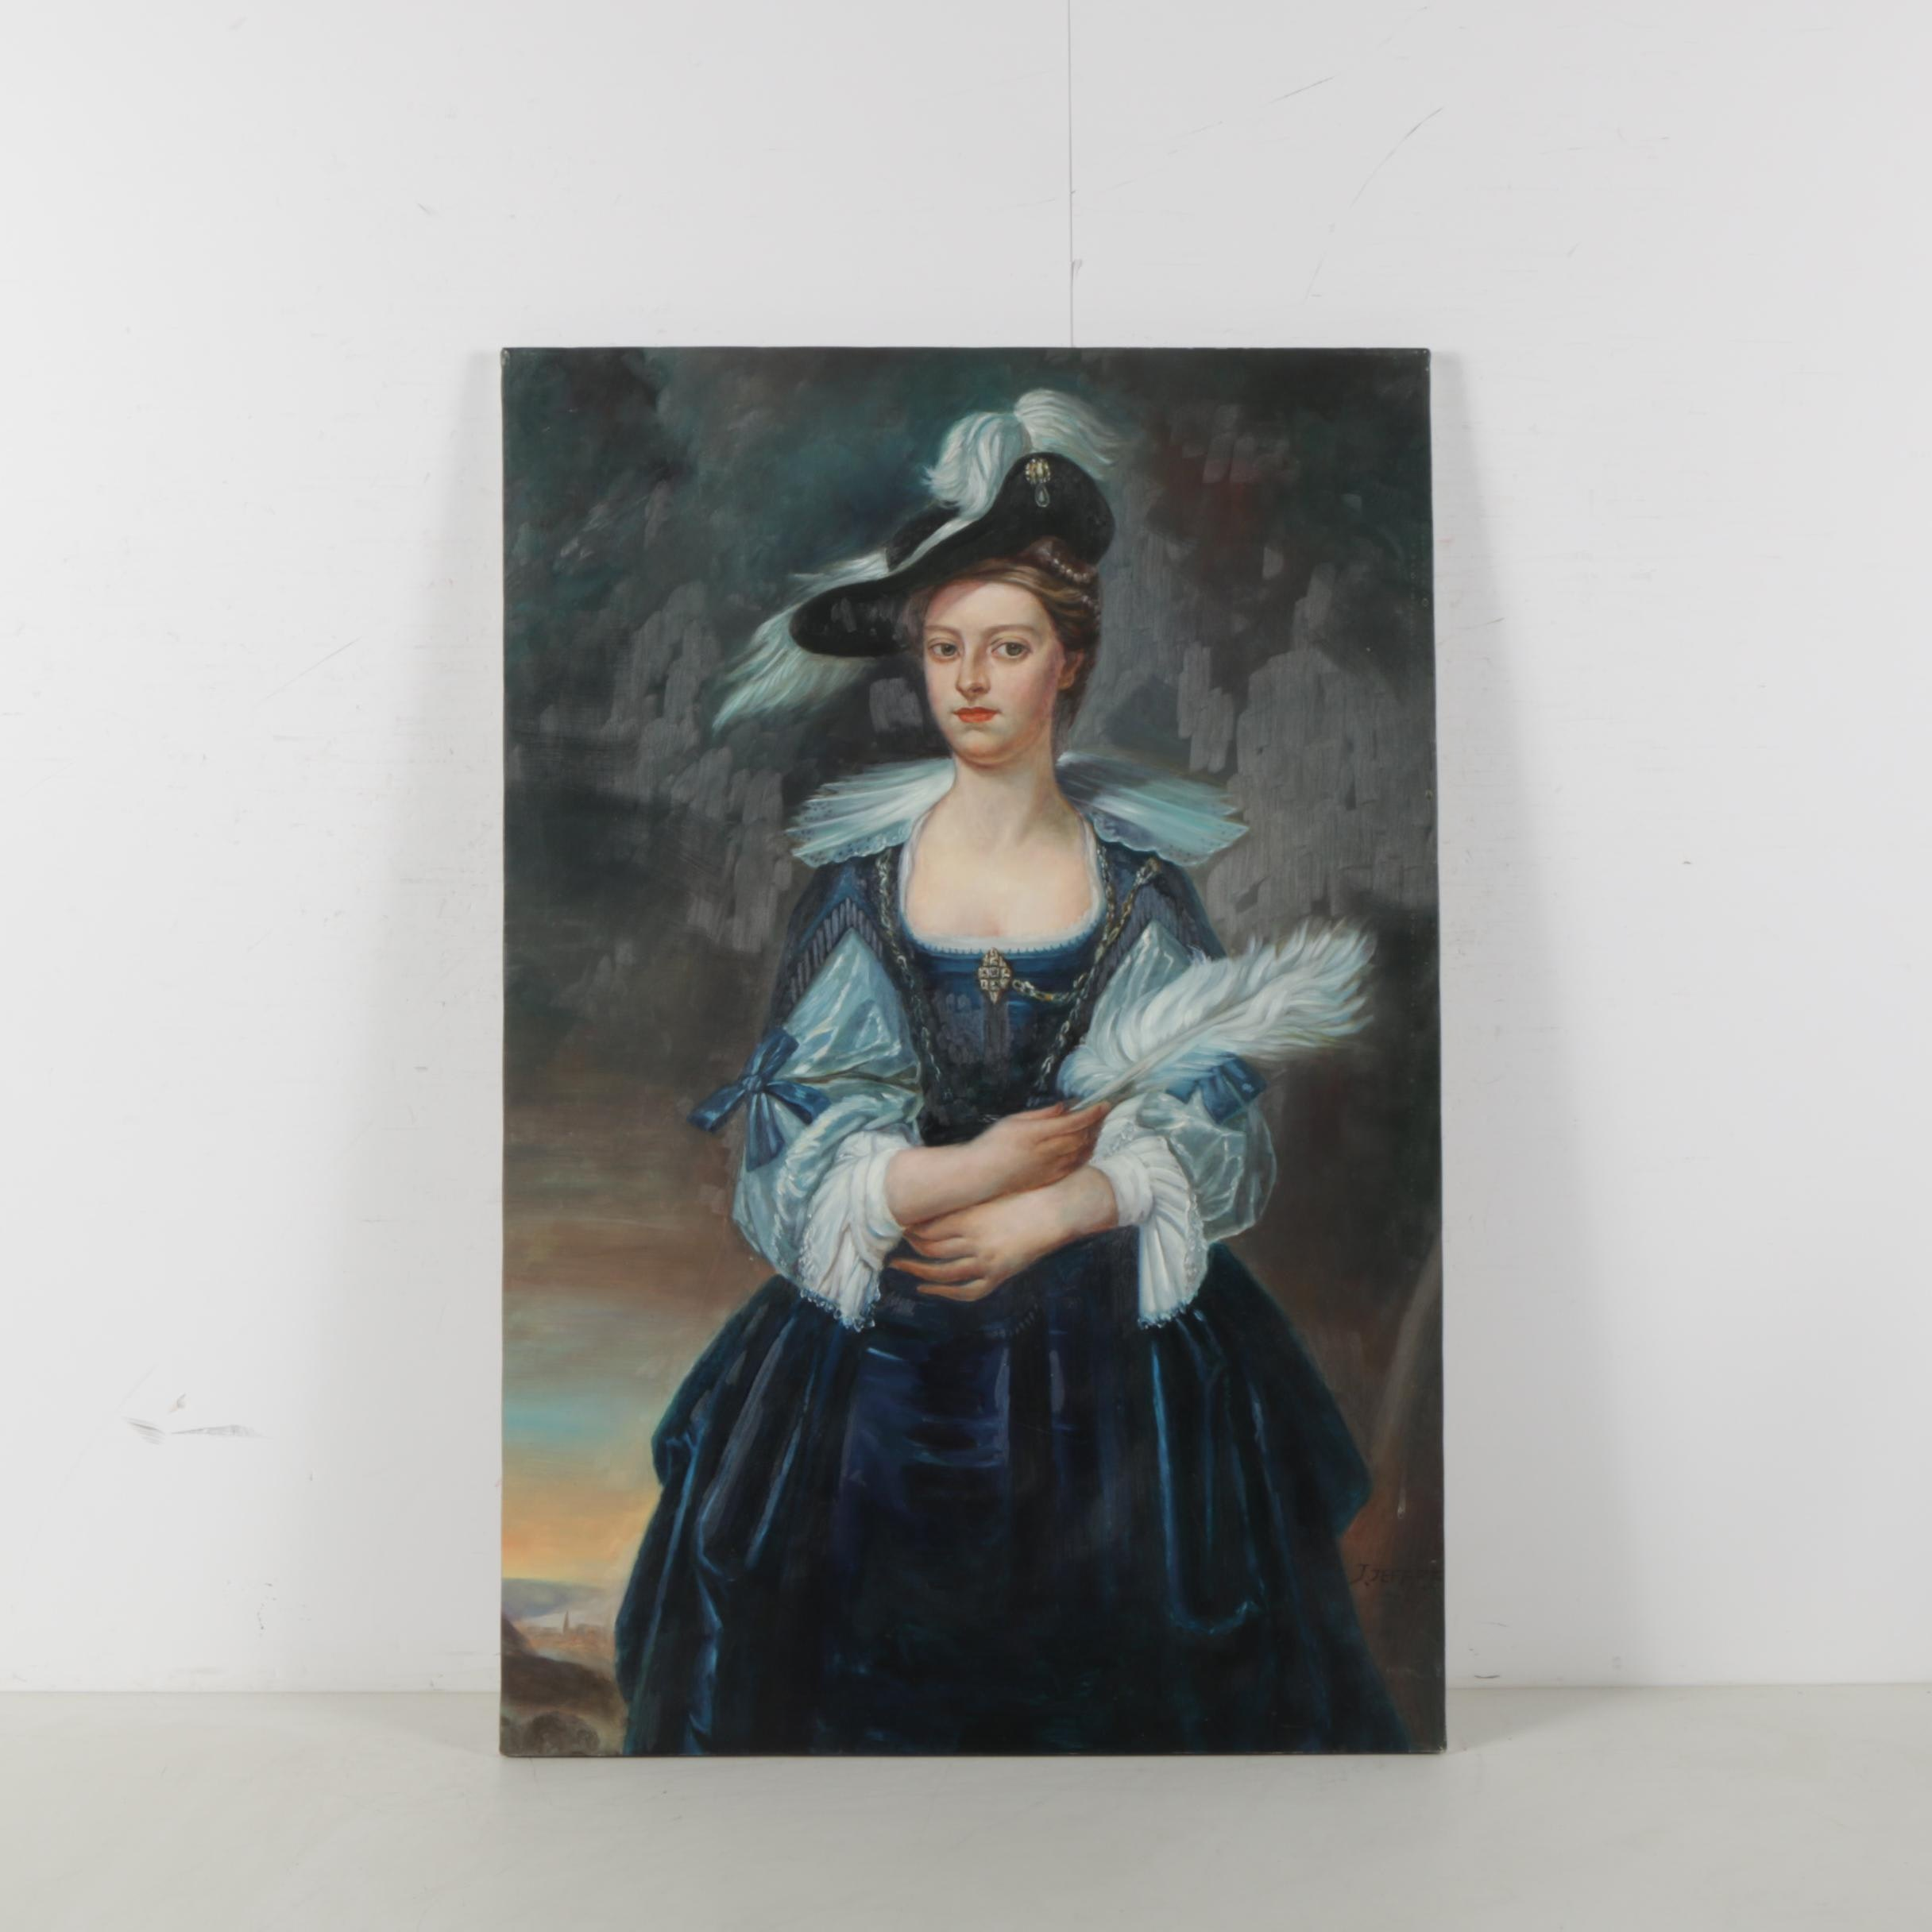 J. Jeffrey Formal Portrait Oil Painting